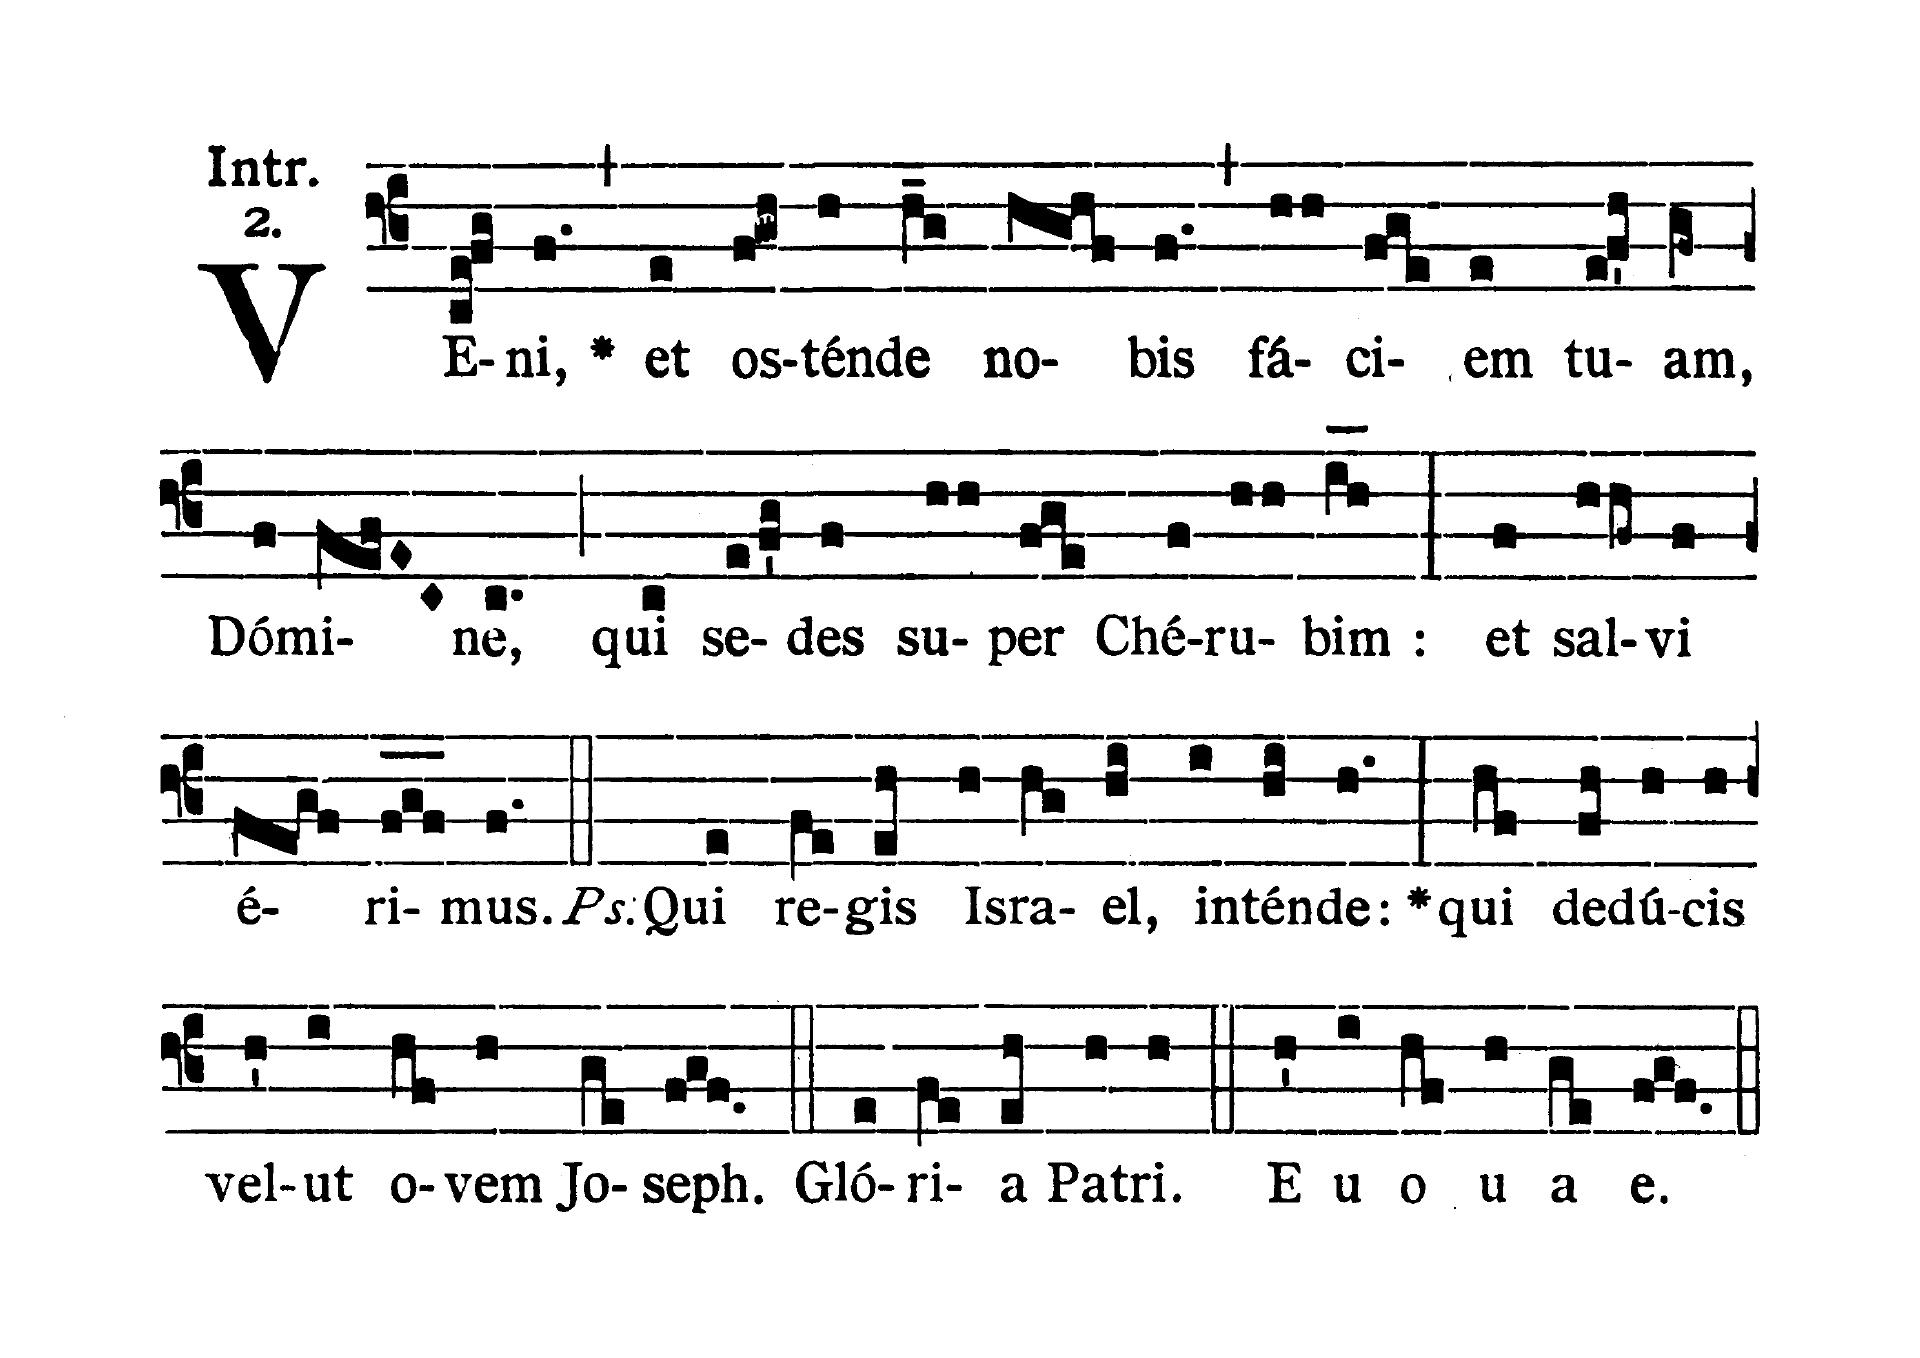 Sabbato Quatuor Temporum Adventus (sobota suchych dni Adwentu) - Introitus (Veni et ostende nobis)